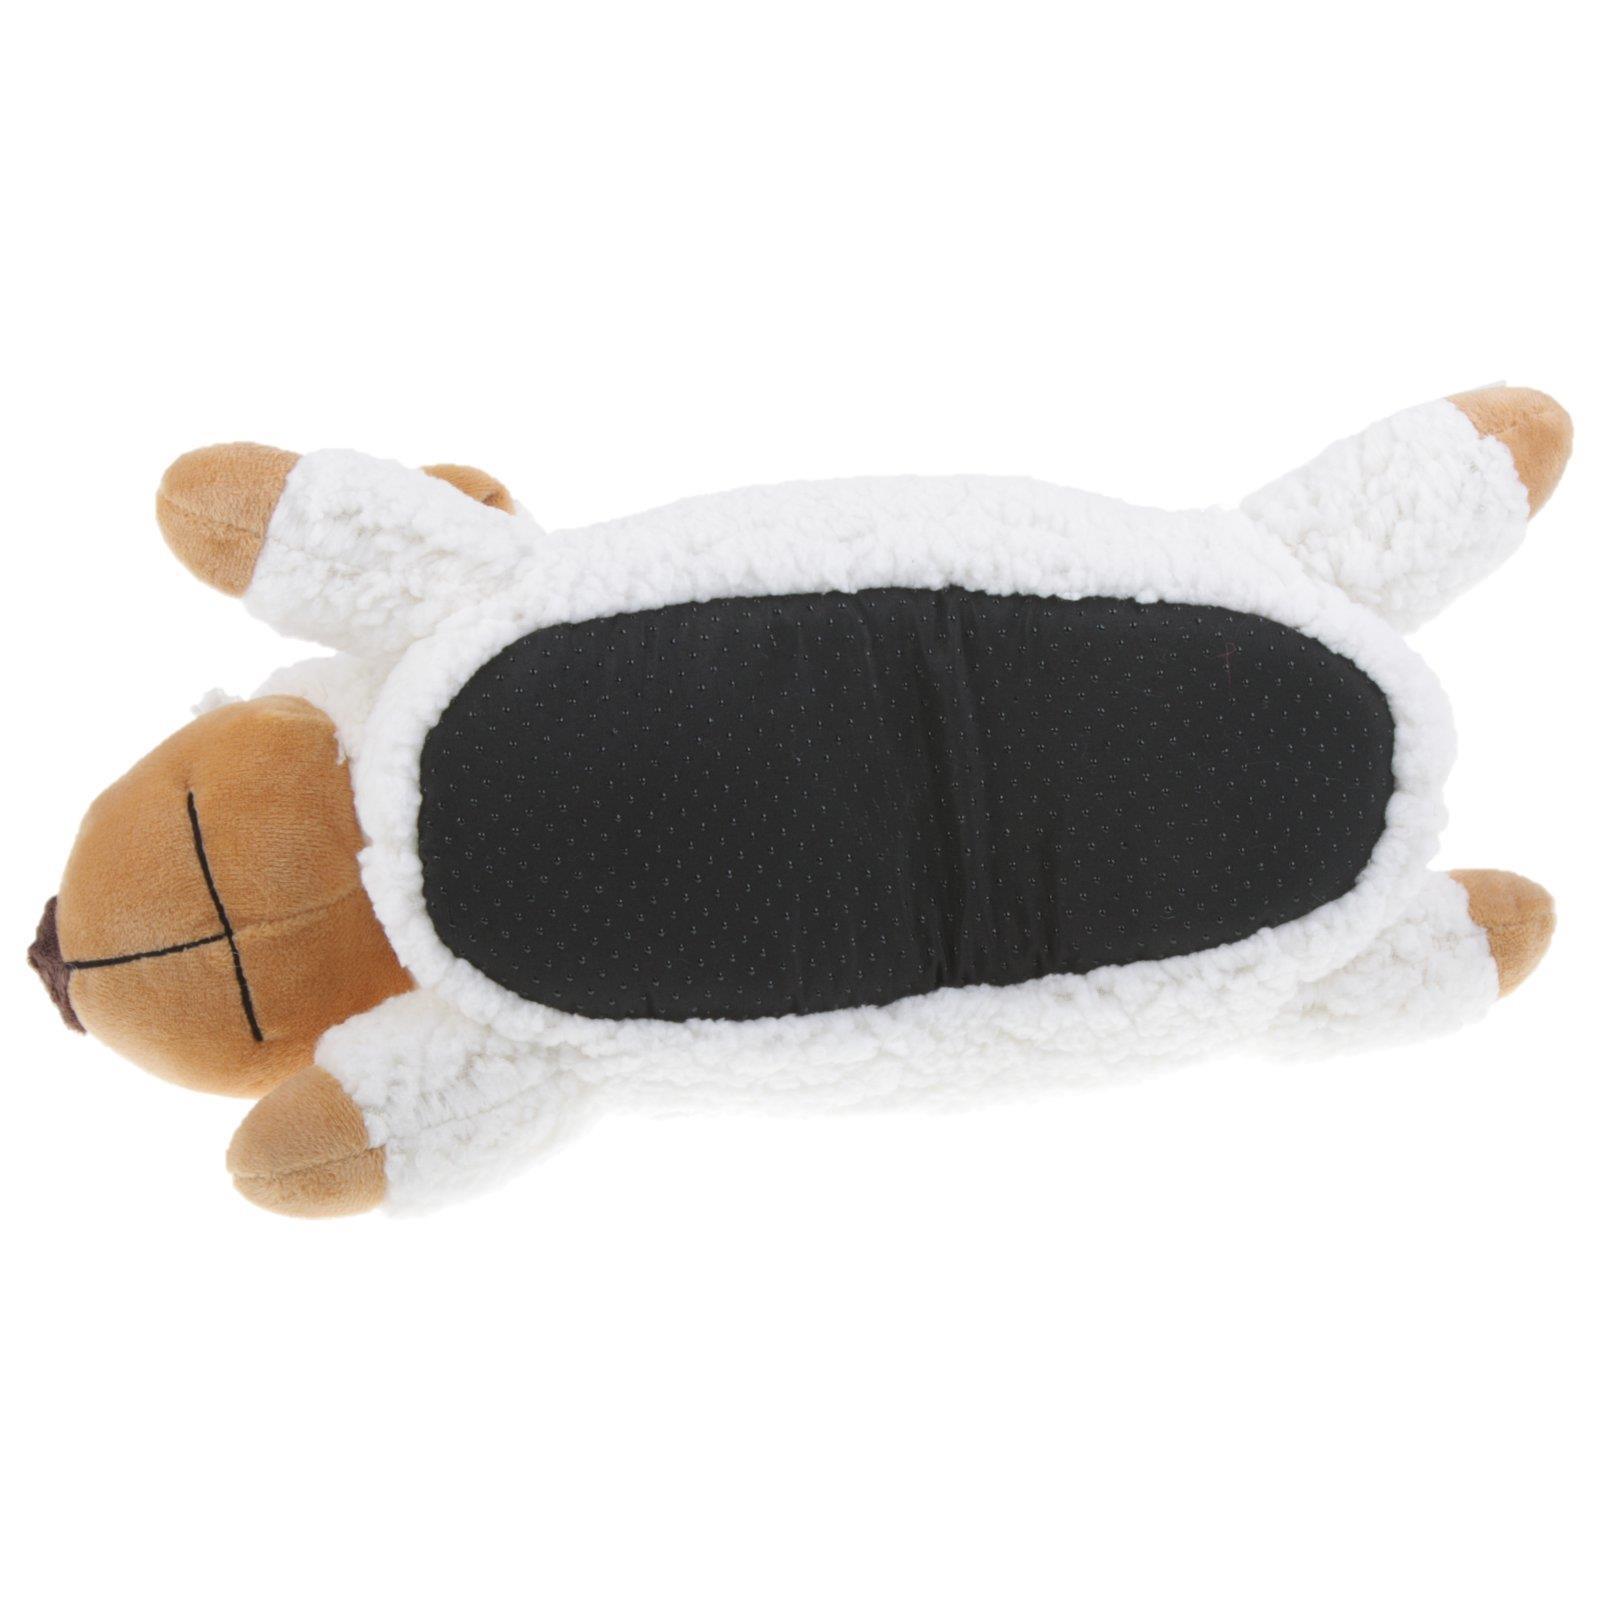 Schaf-Tier-Hausschuhe-Pantoffel-Schlappen-Kuscheltier-Pluesch-Schuh-Damen-Kinder Indexbild 12